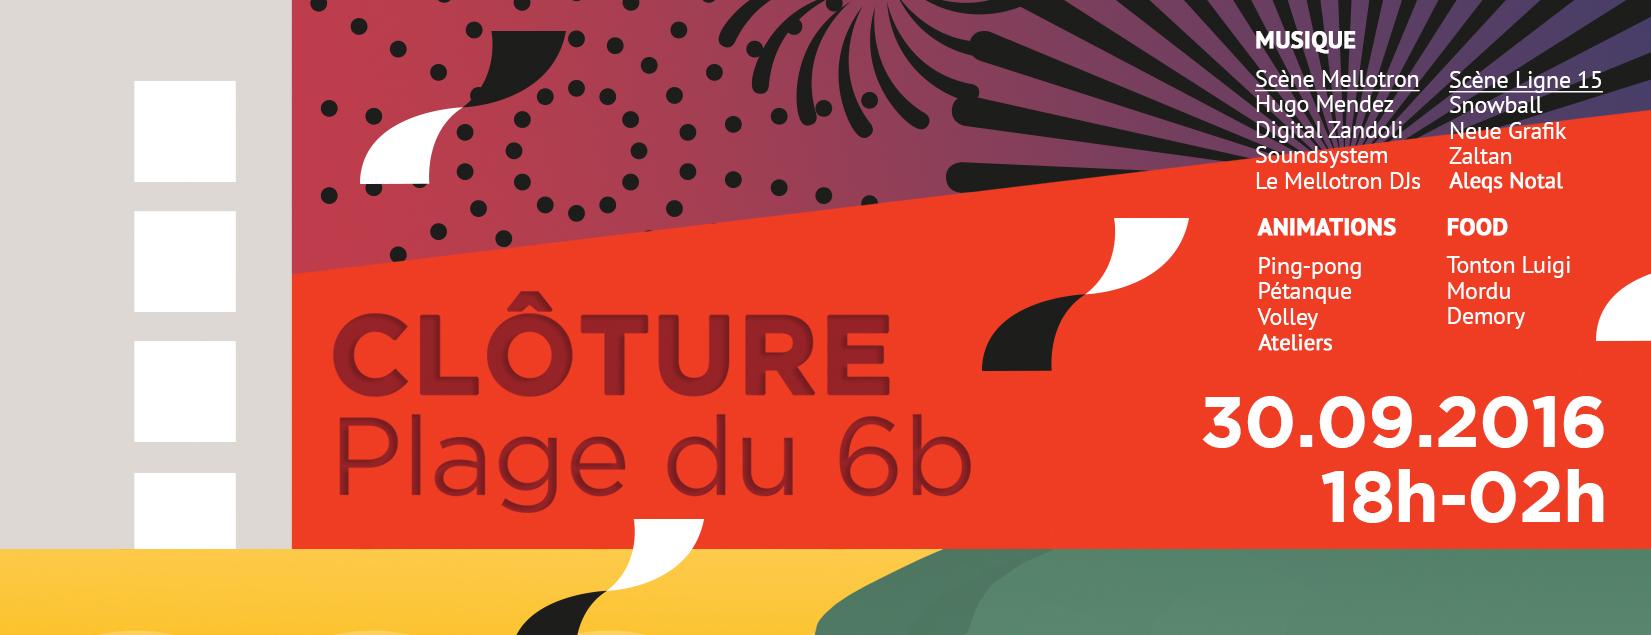 CLÔTURE DE LA PLAGE DU 6b @ Le 6b | Saint-Denis | Île-de-France | France